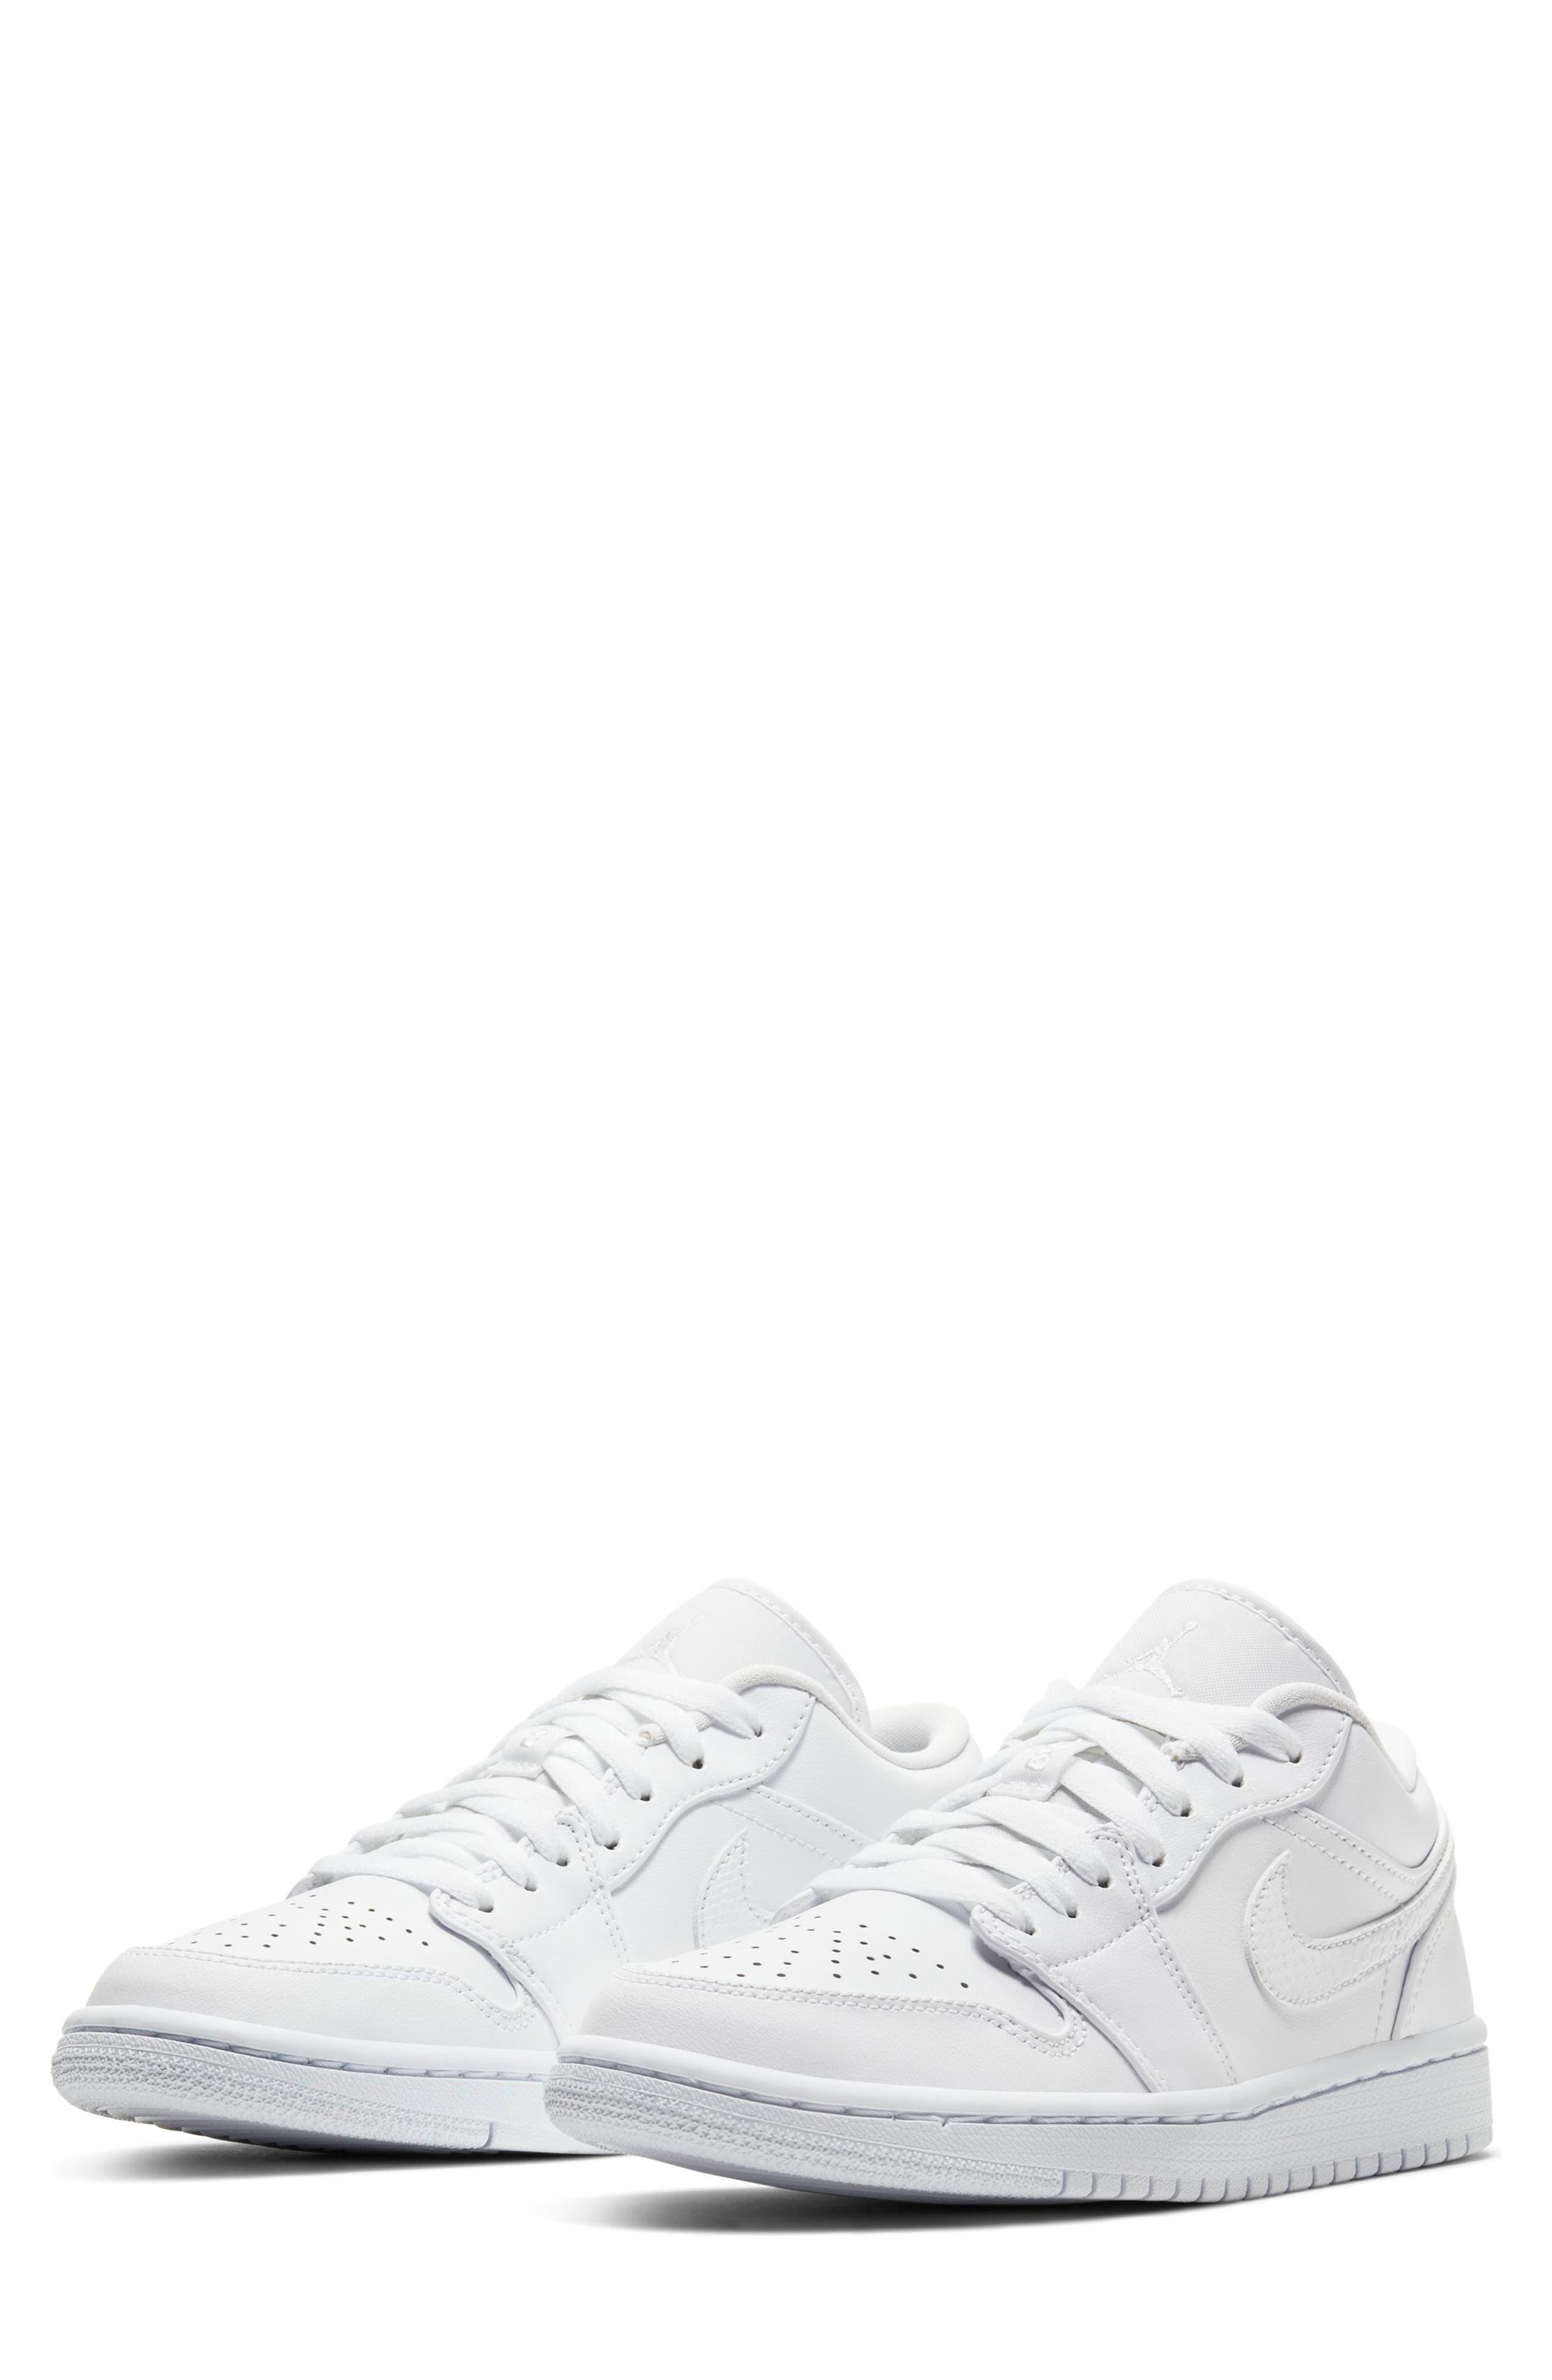 Nike Air Jordan 1 Low Sneaker (Women